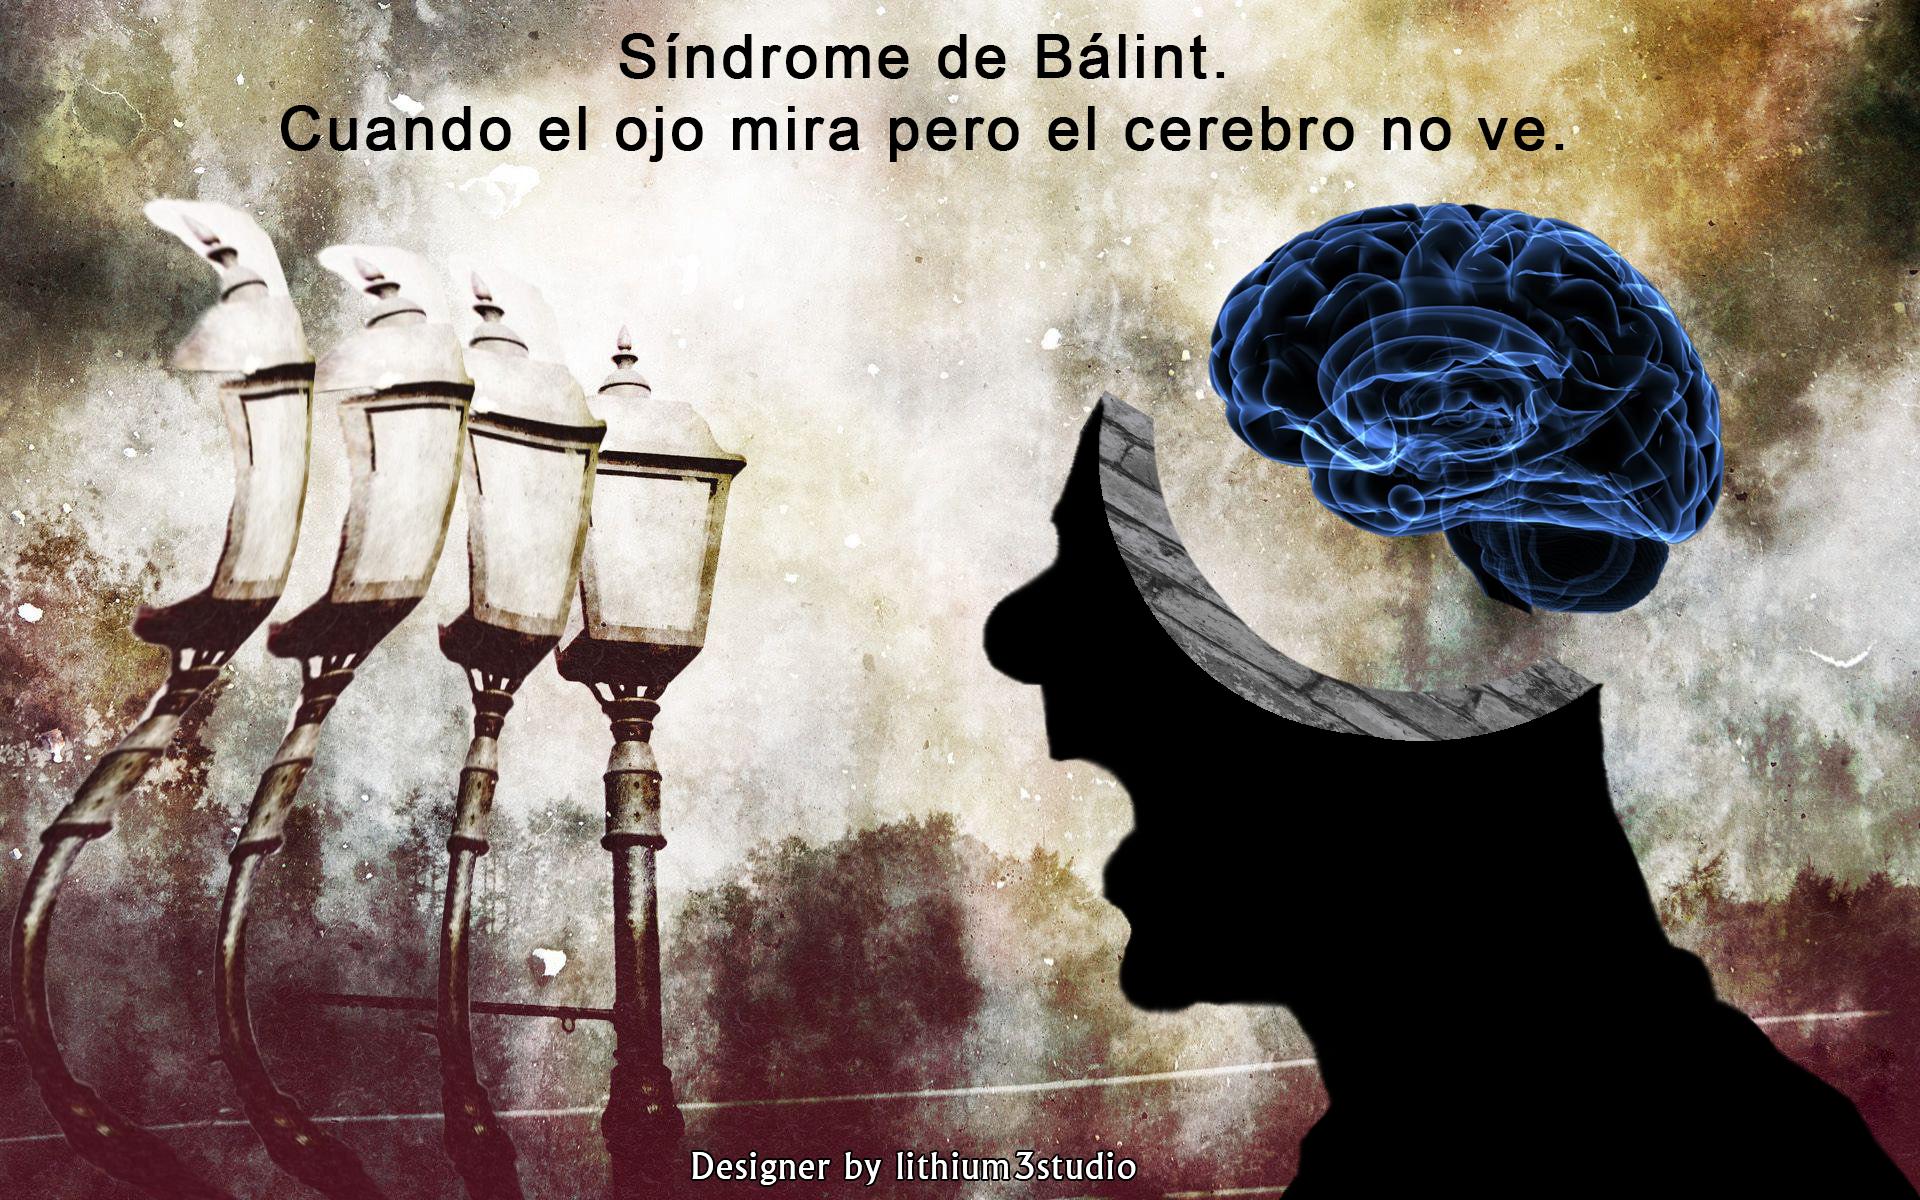 Síndrome de Bálint